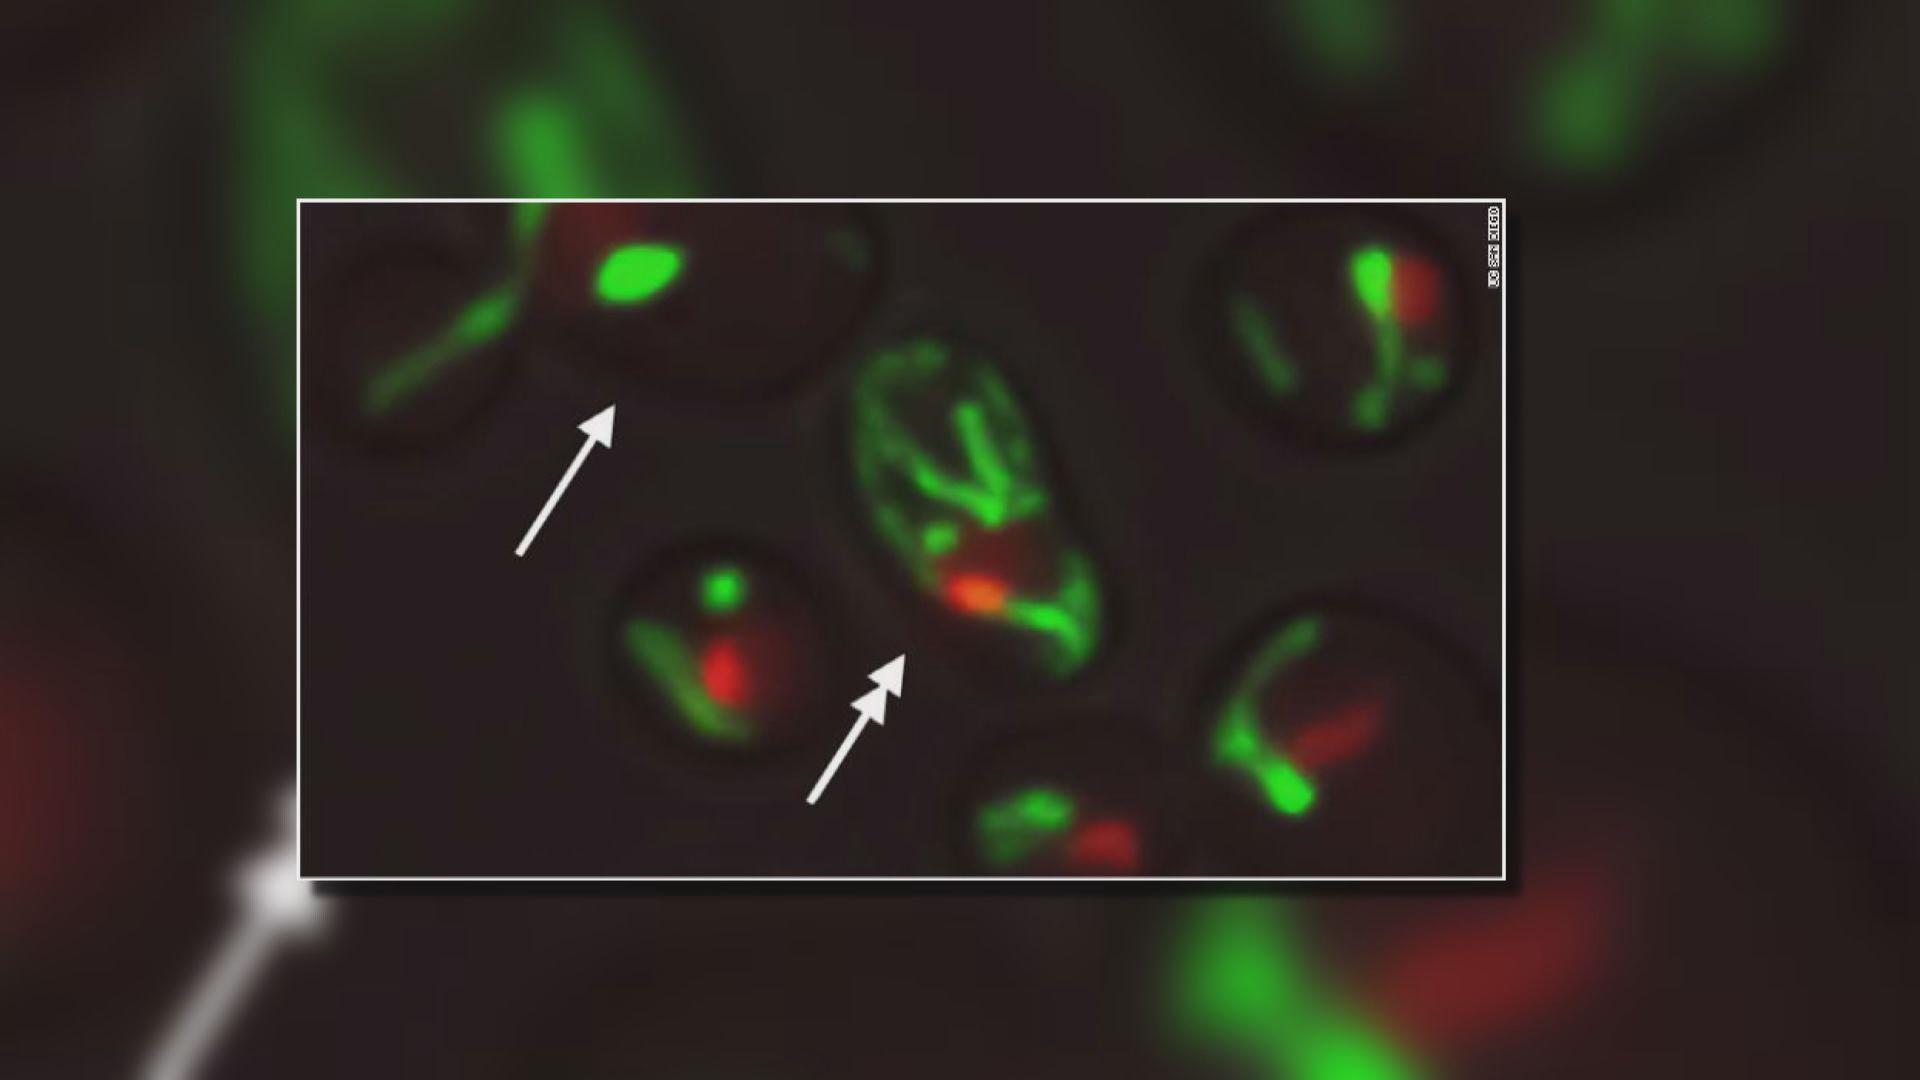 【環球薈報】科學家發現細胞老化「控制台」